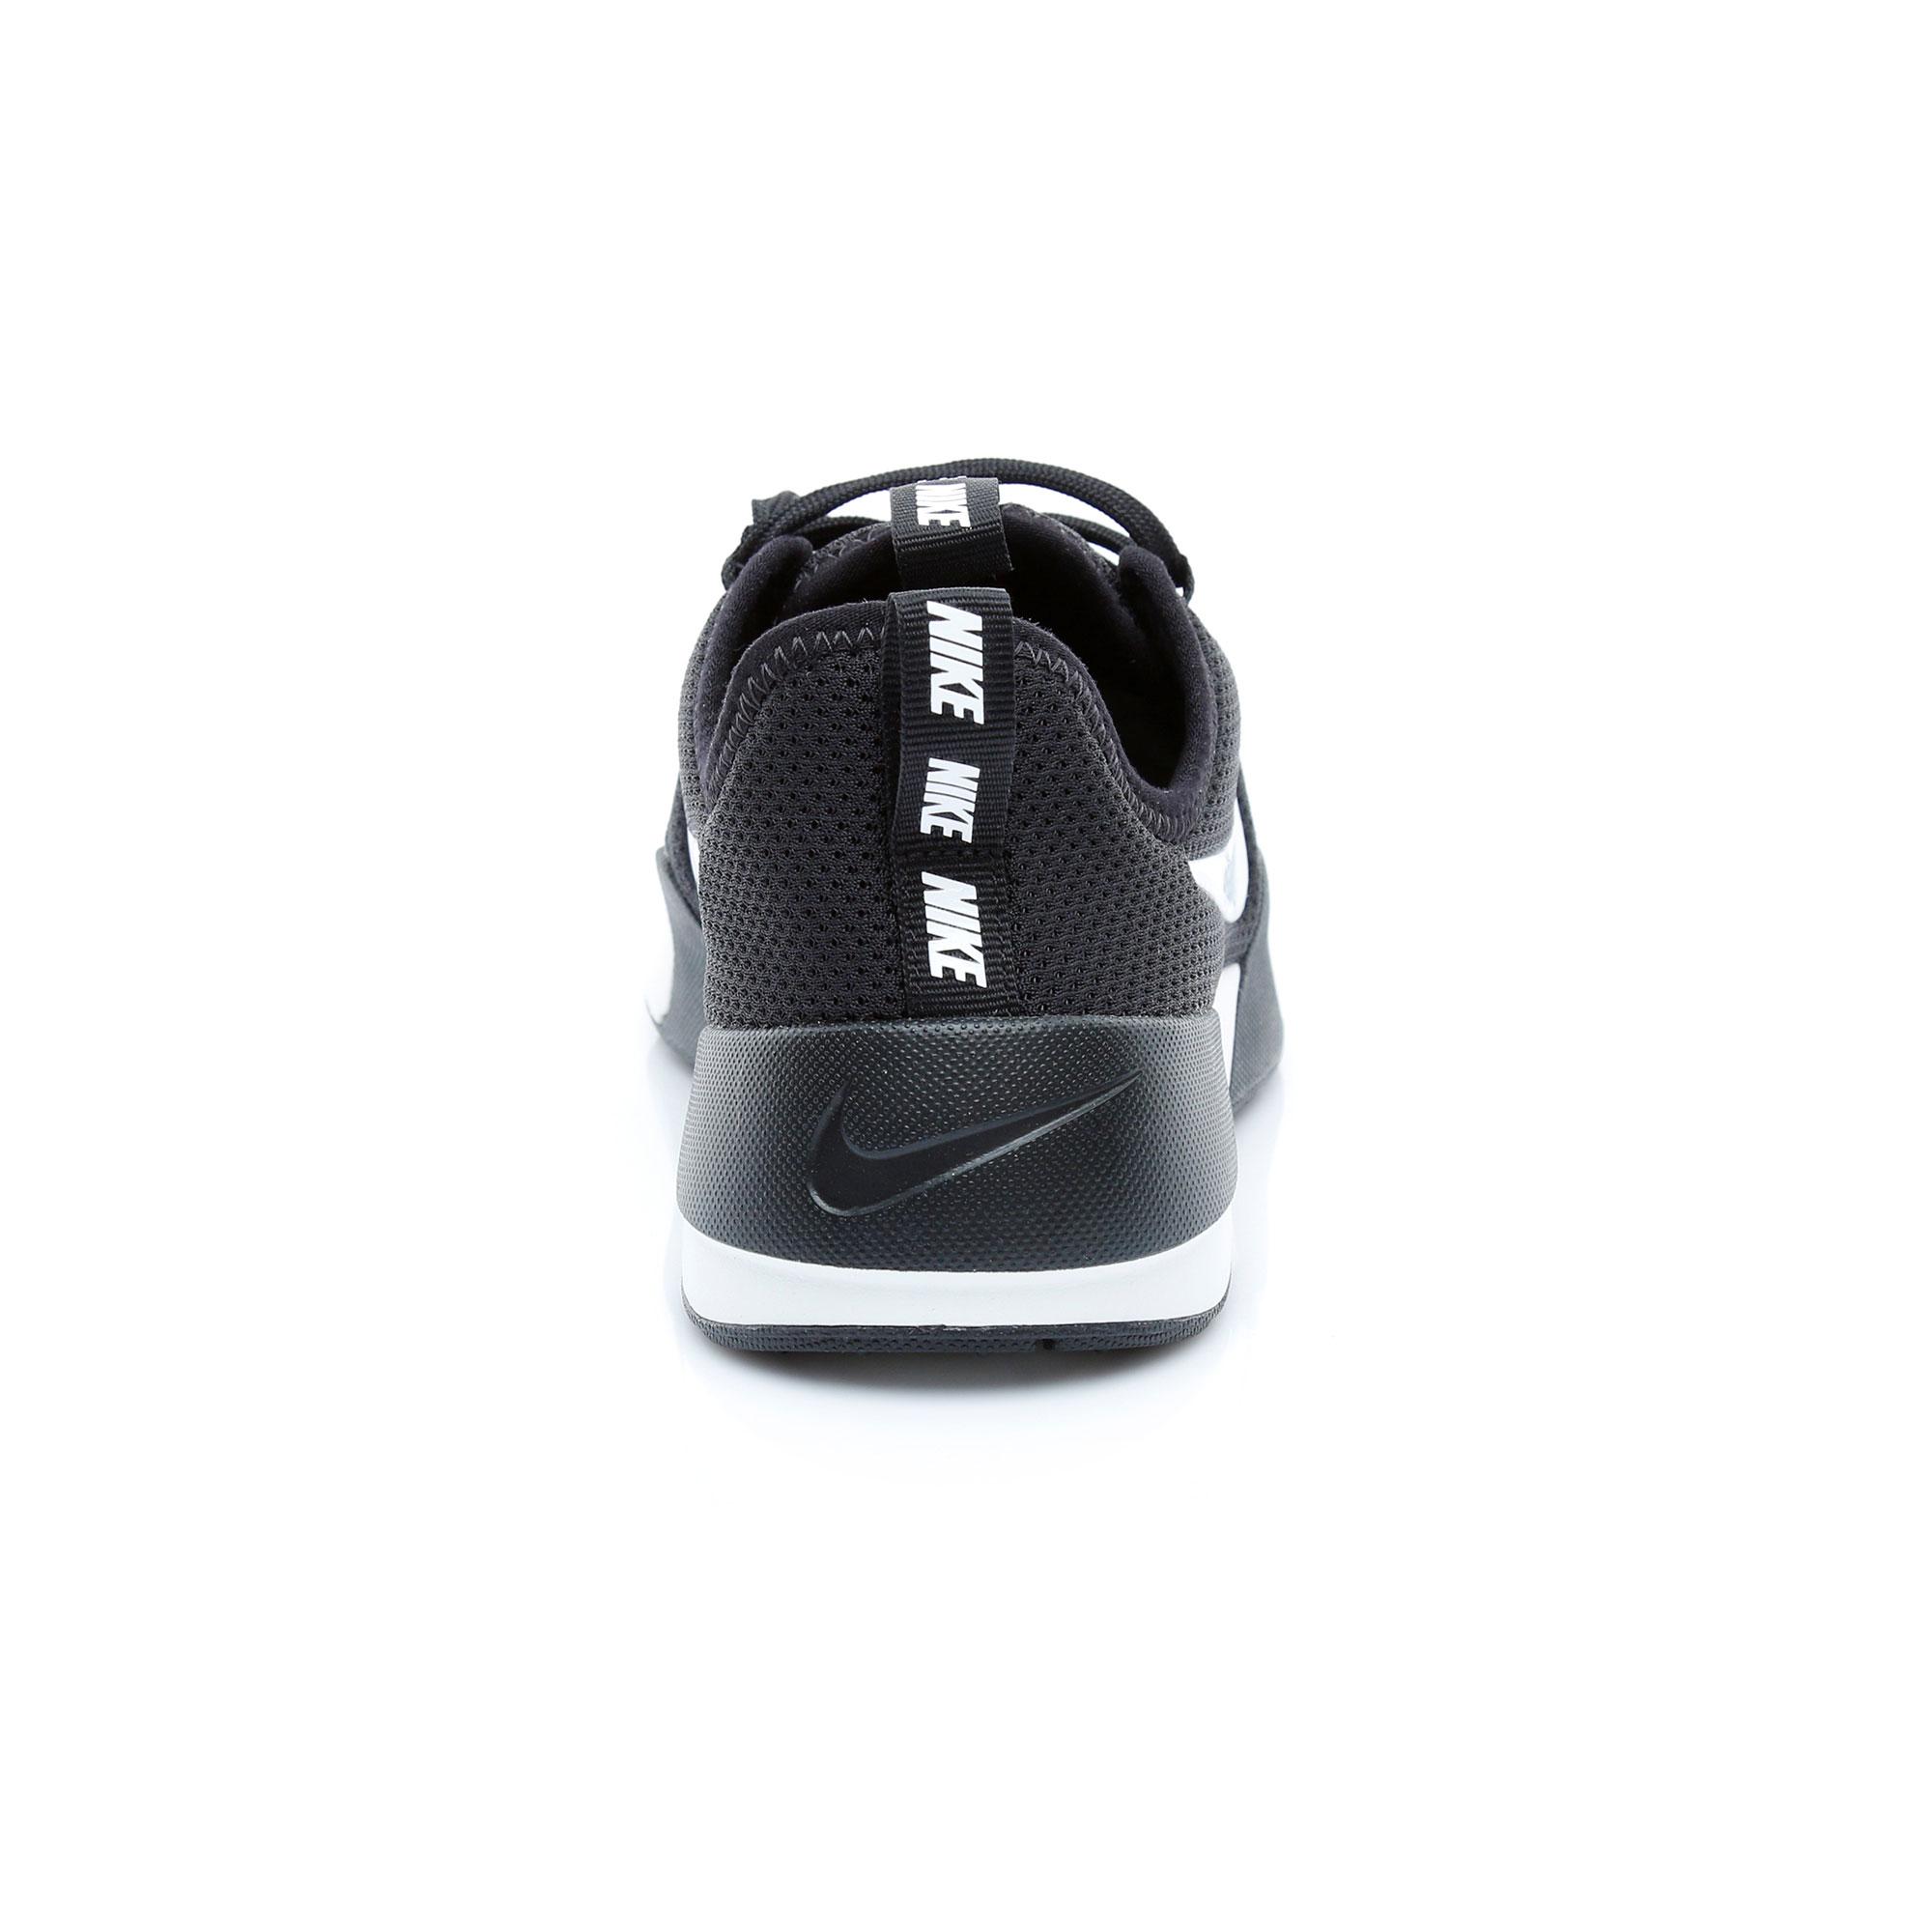 Nike Ashin Modern Kadın Siyah Spor Ayakkabı